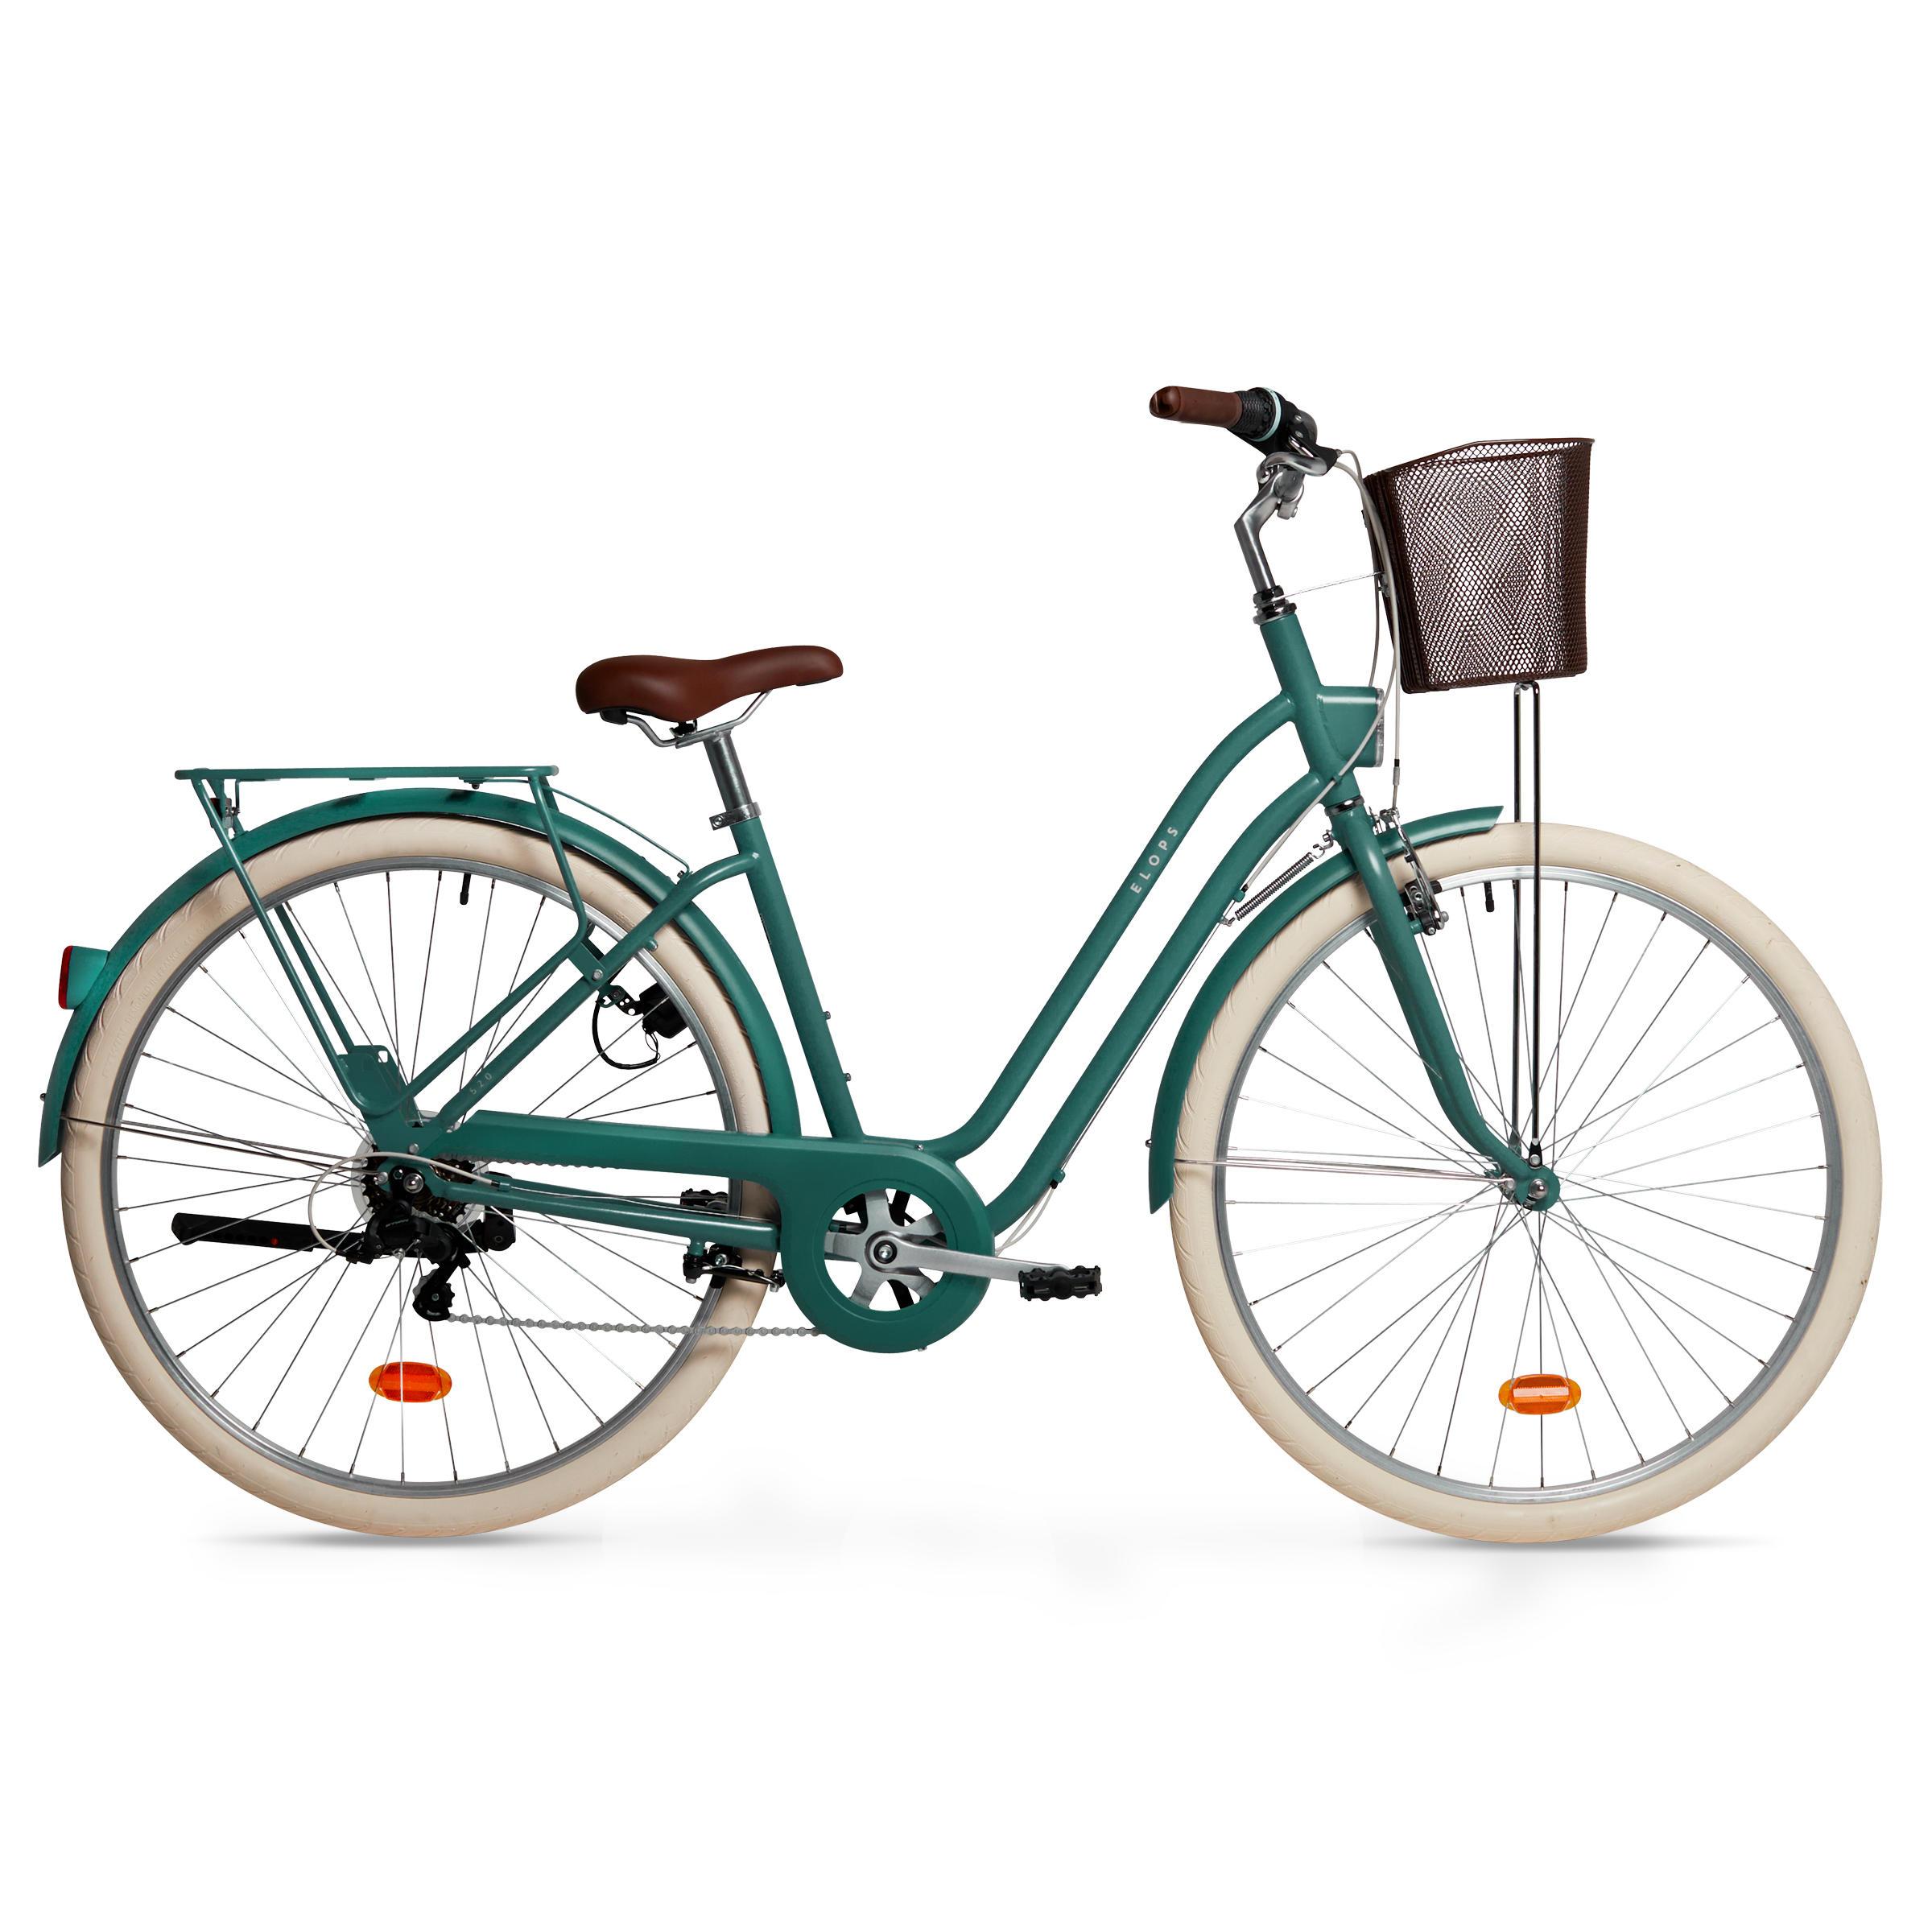 Bicicletă Oraş Elops 520 Gri